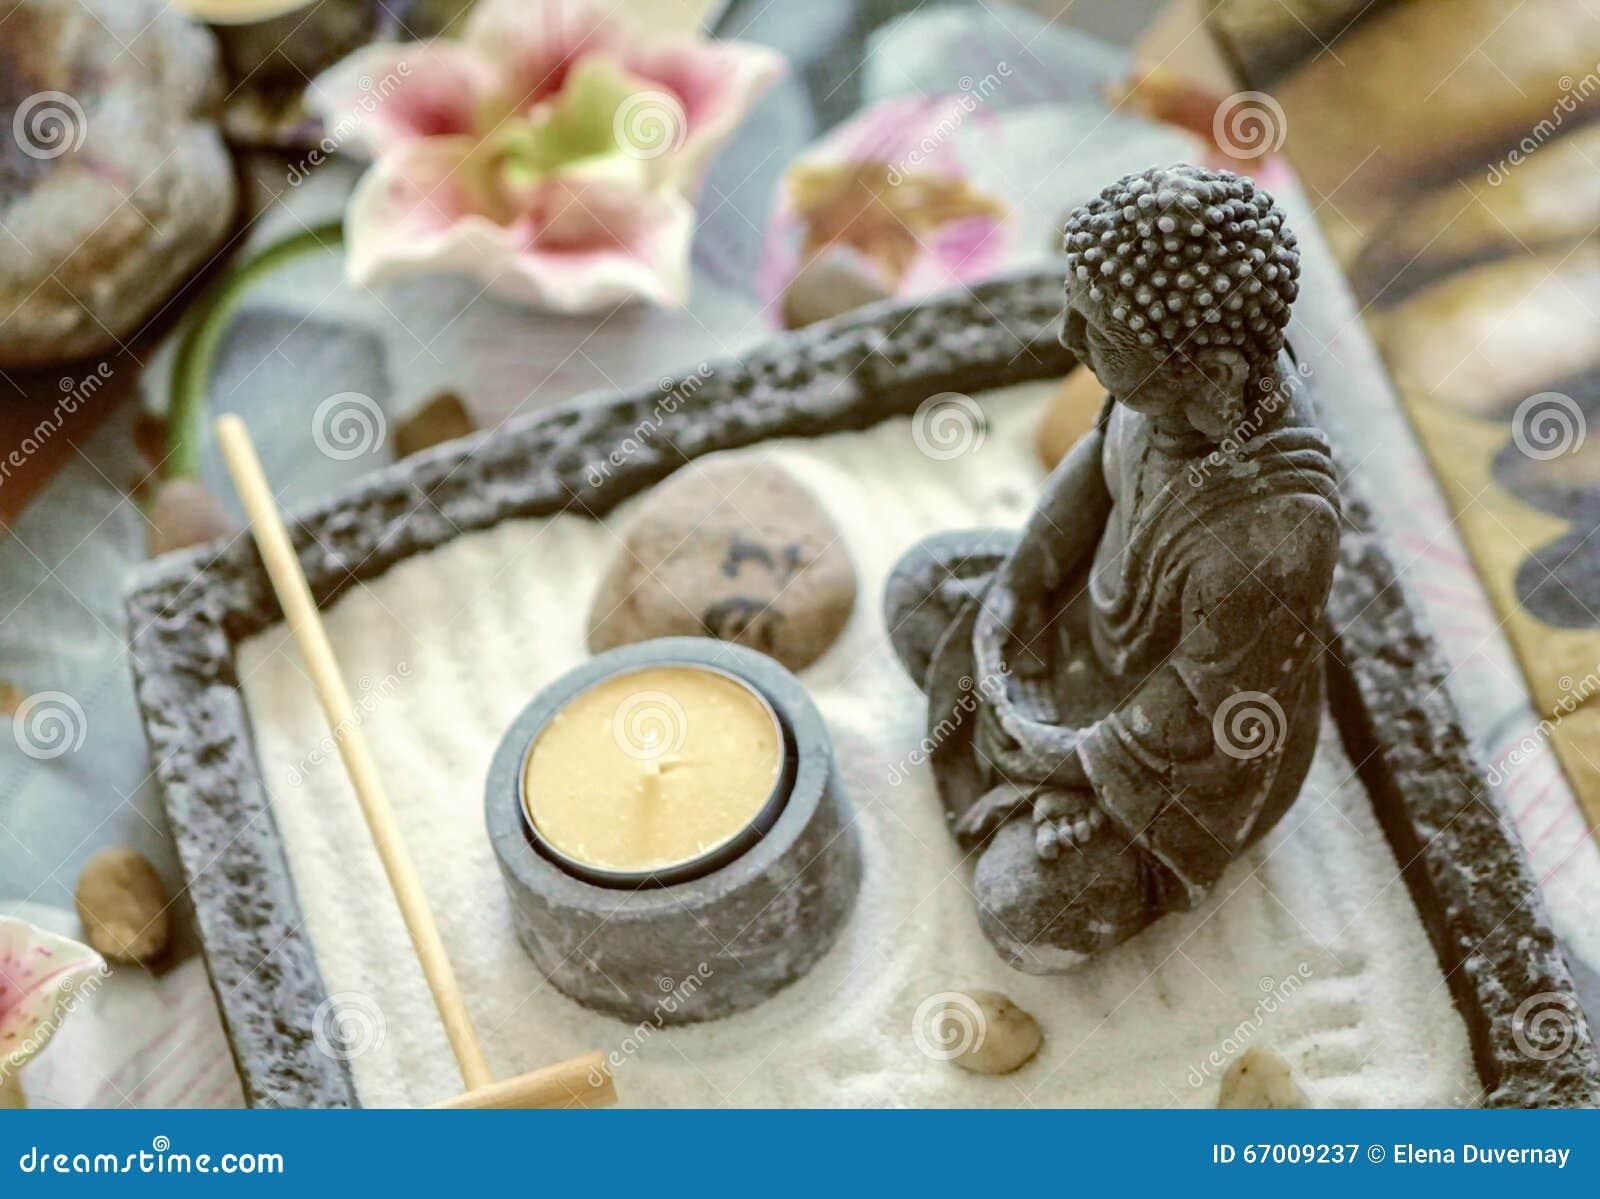 Buddha meditating decoration